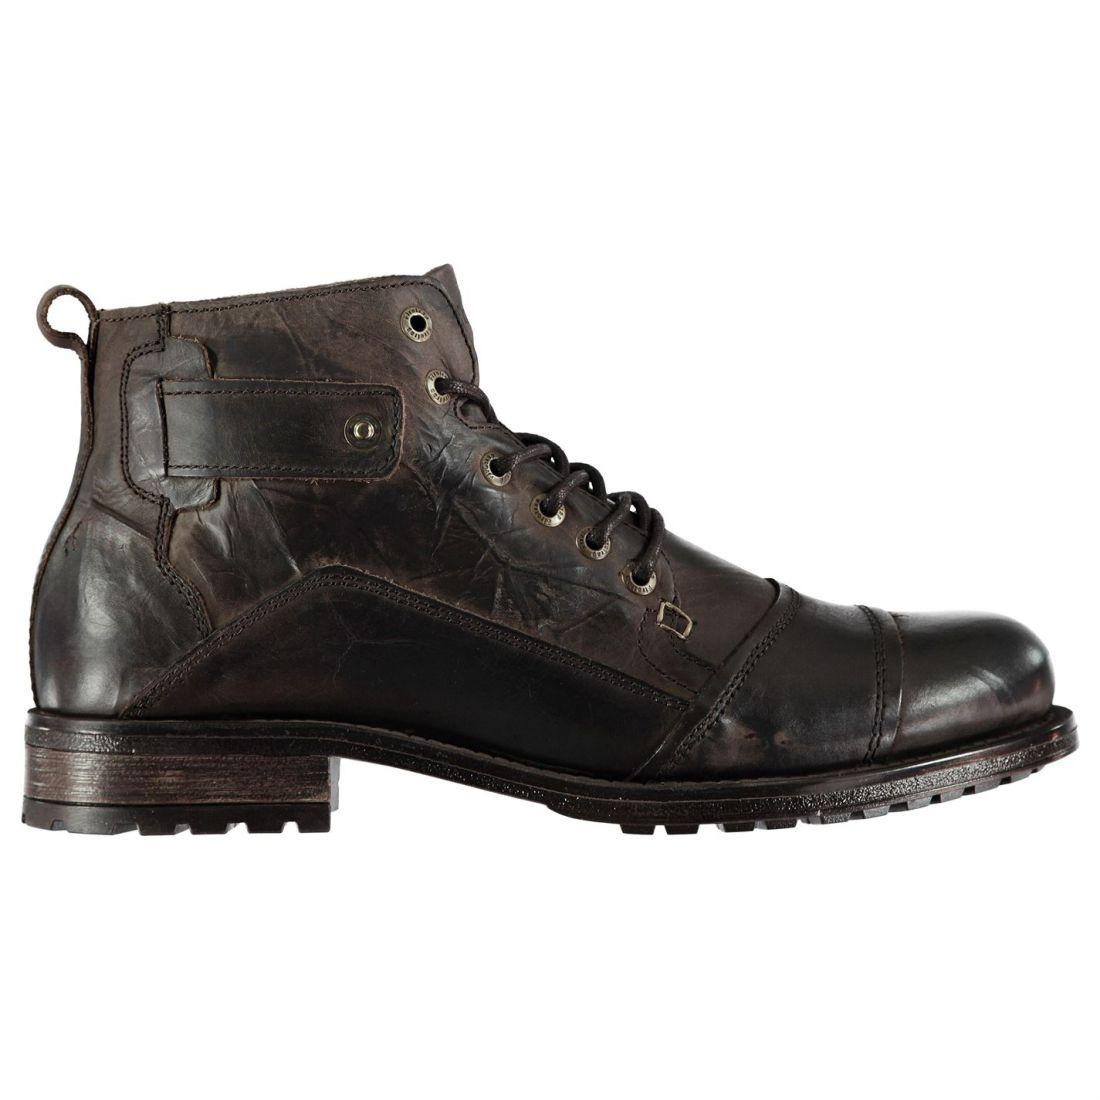 e7036da02 FIRETRAP MENS WEBB Boots Smart Lace Up Slight Heel Textured - $82.50 ...